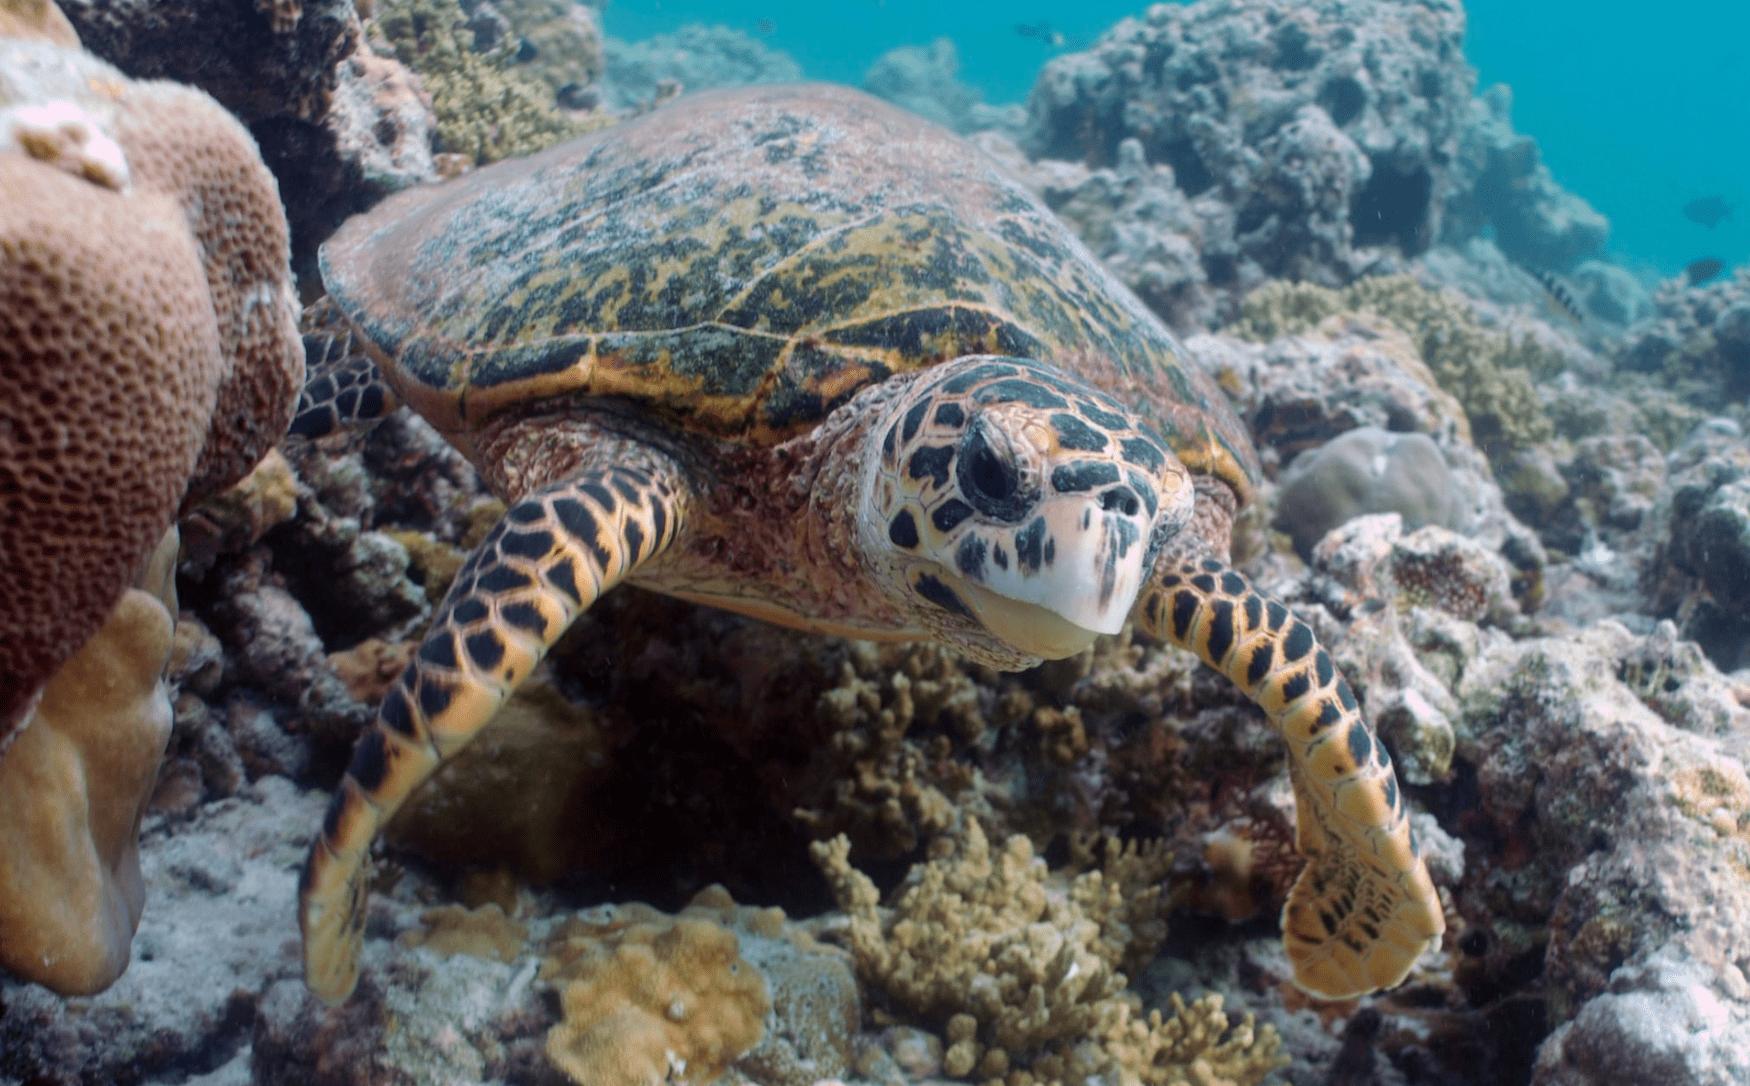 Tiere in Katar: Die Karettschildkröte in der Nahaufnahme